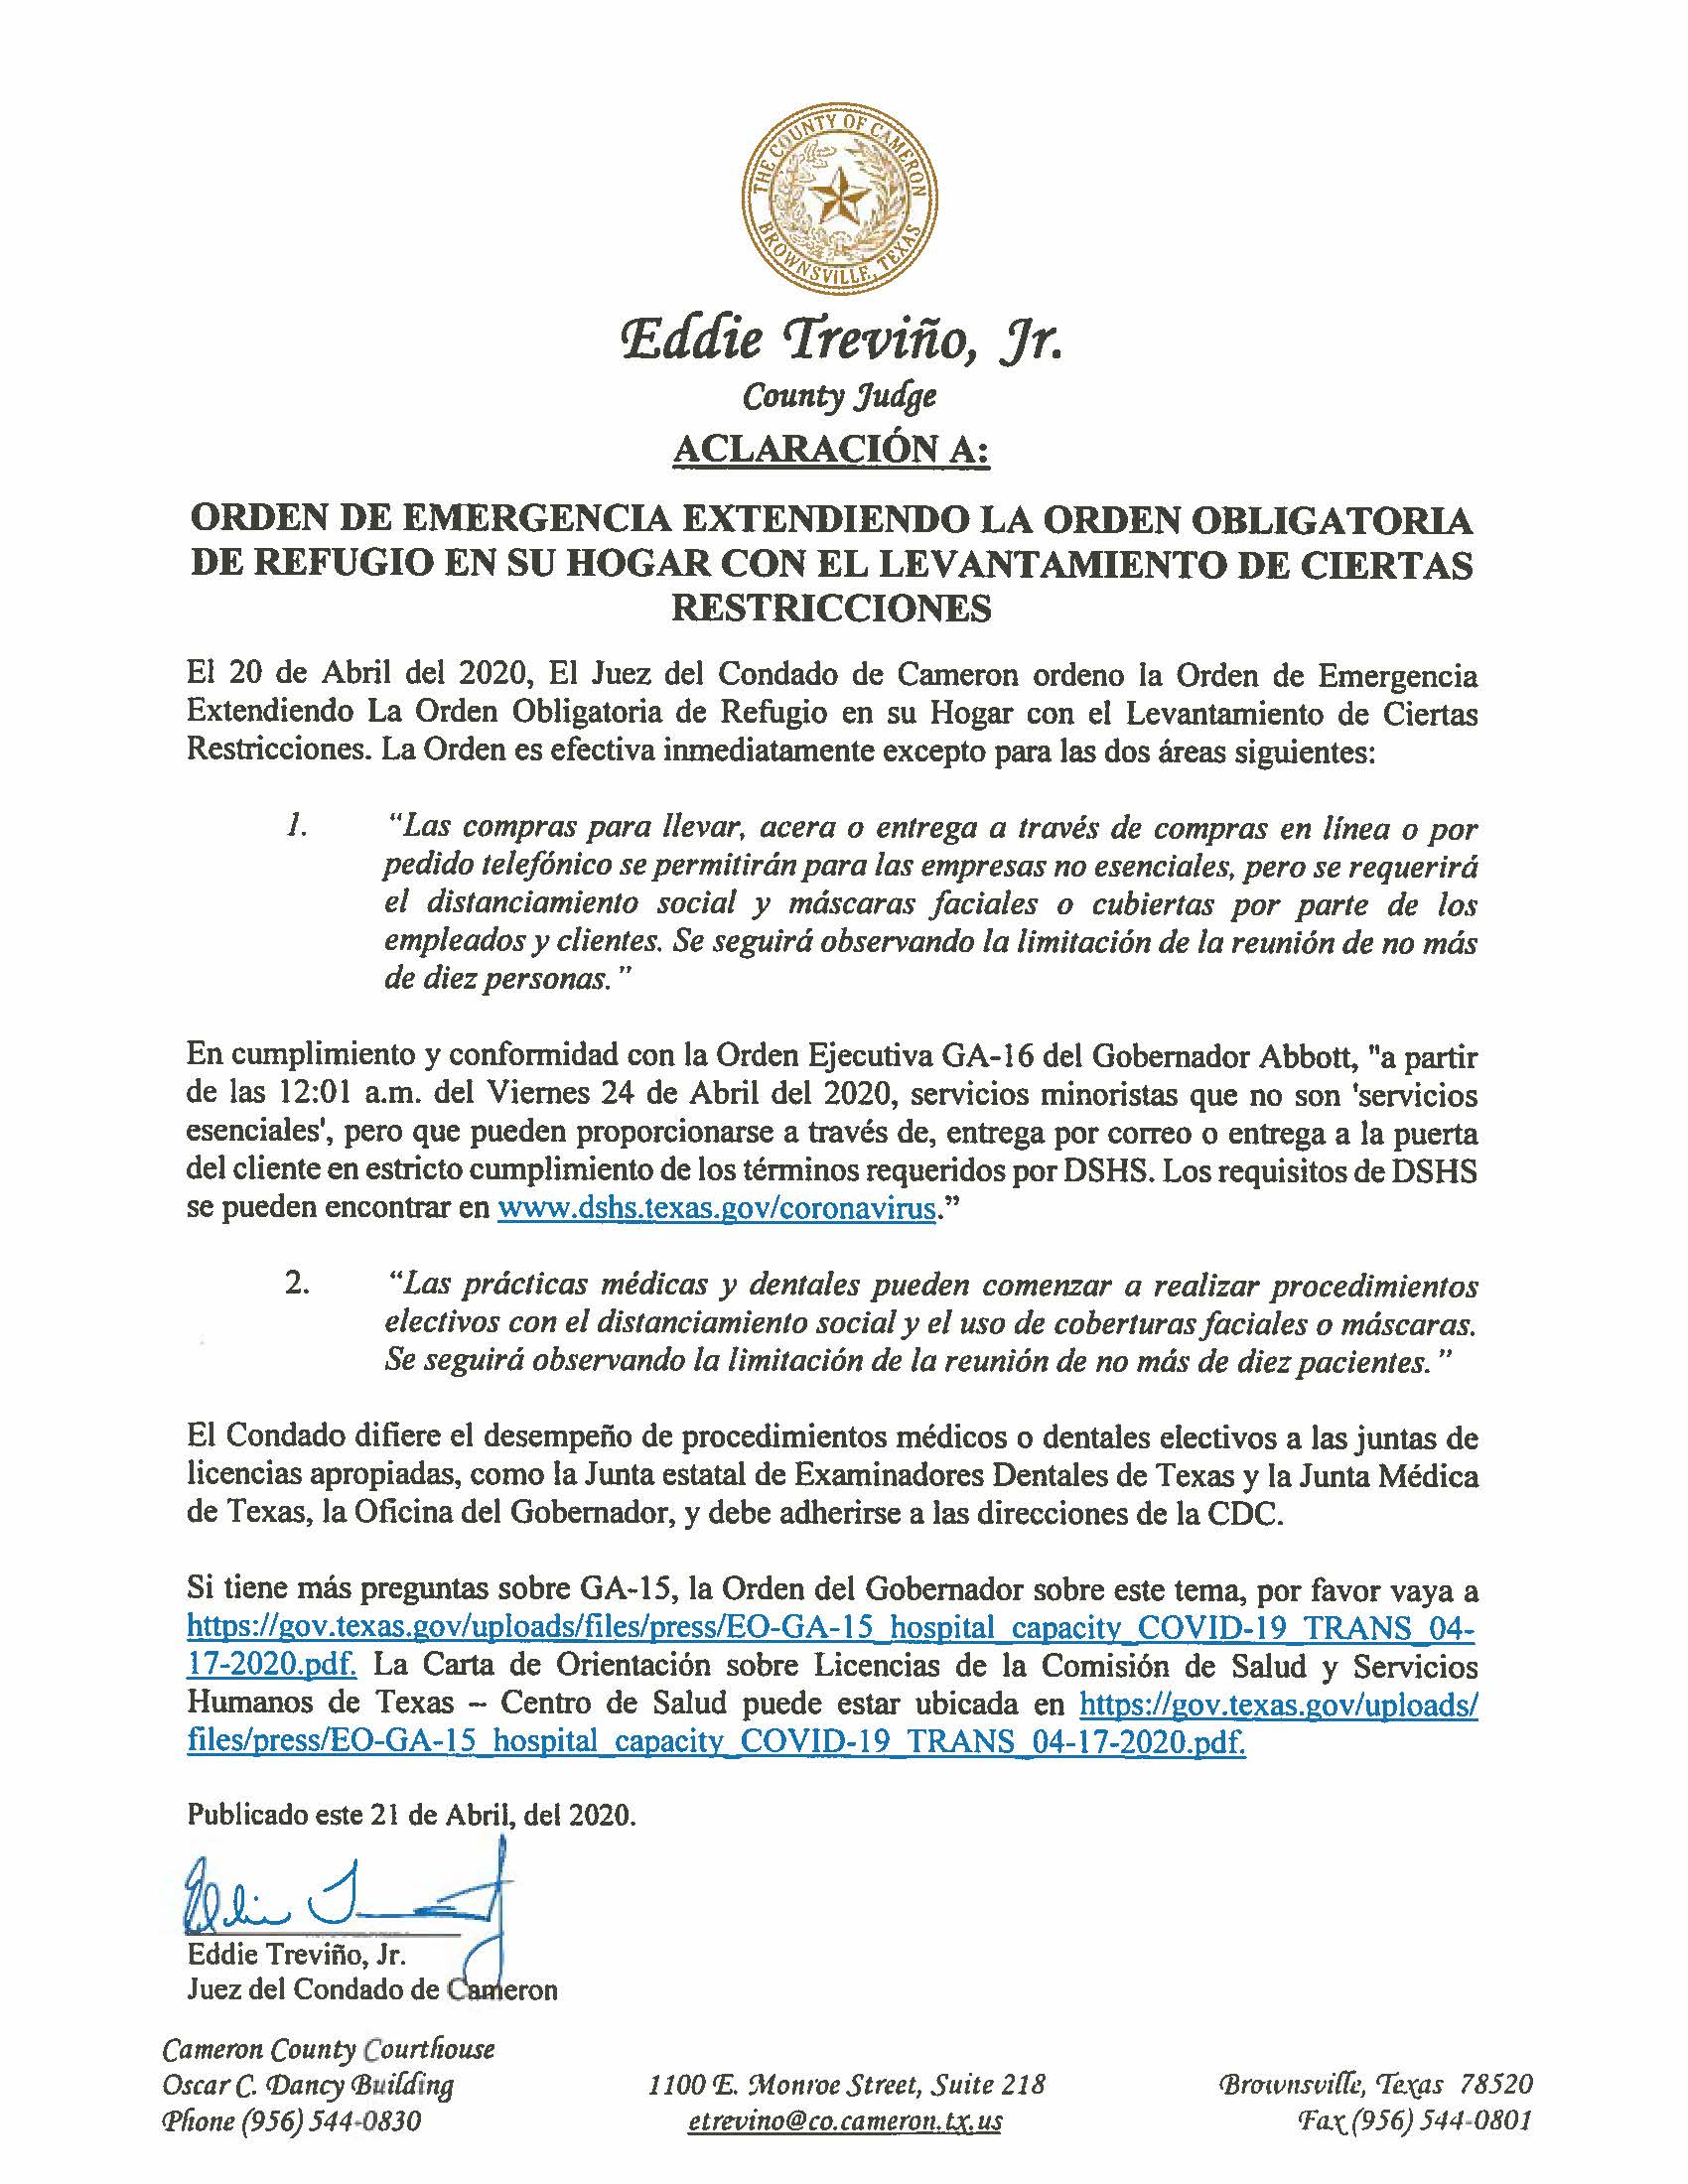 04.21.2020 Aclaracion De Orden De Emergencia Con Levantamiento De Ciertas Restricciones